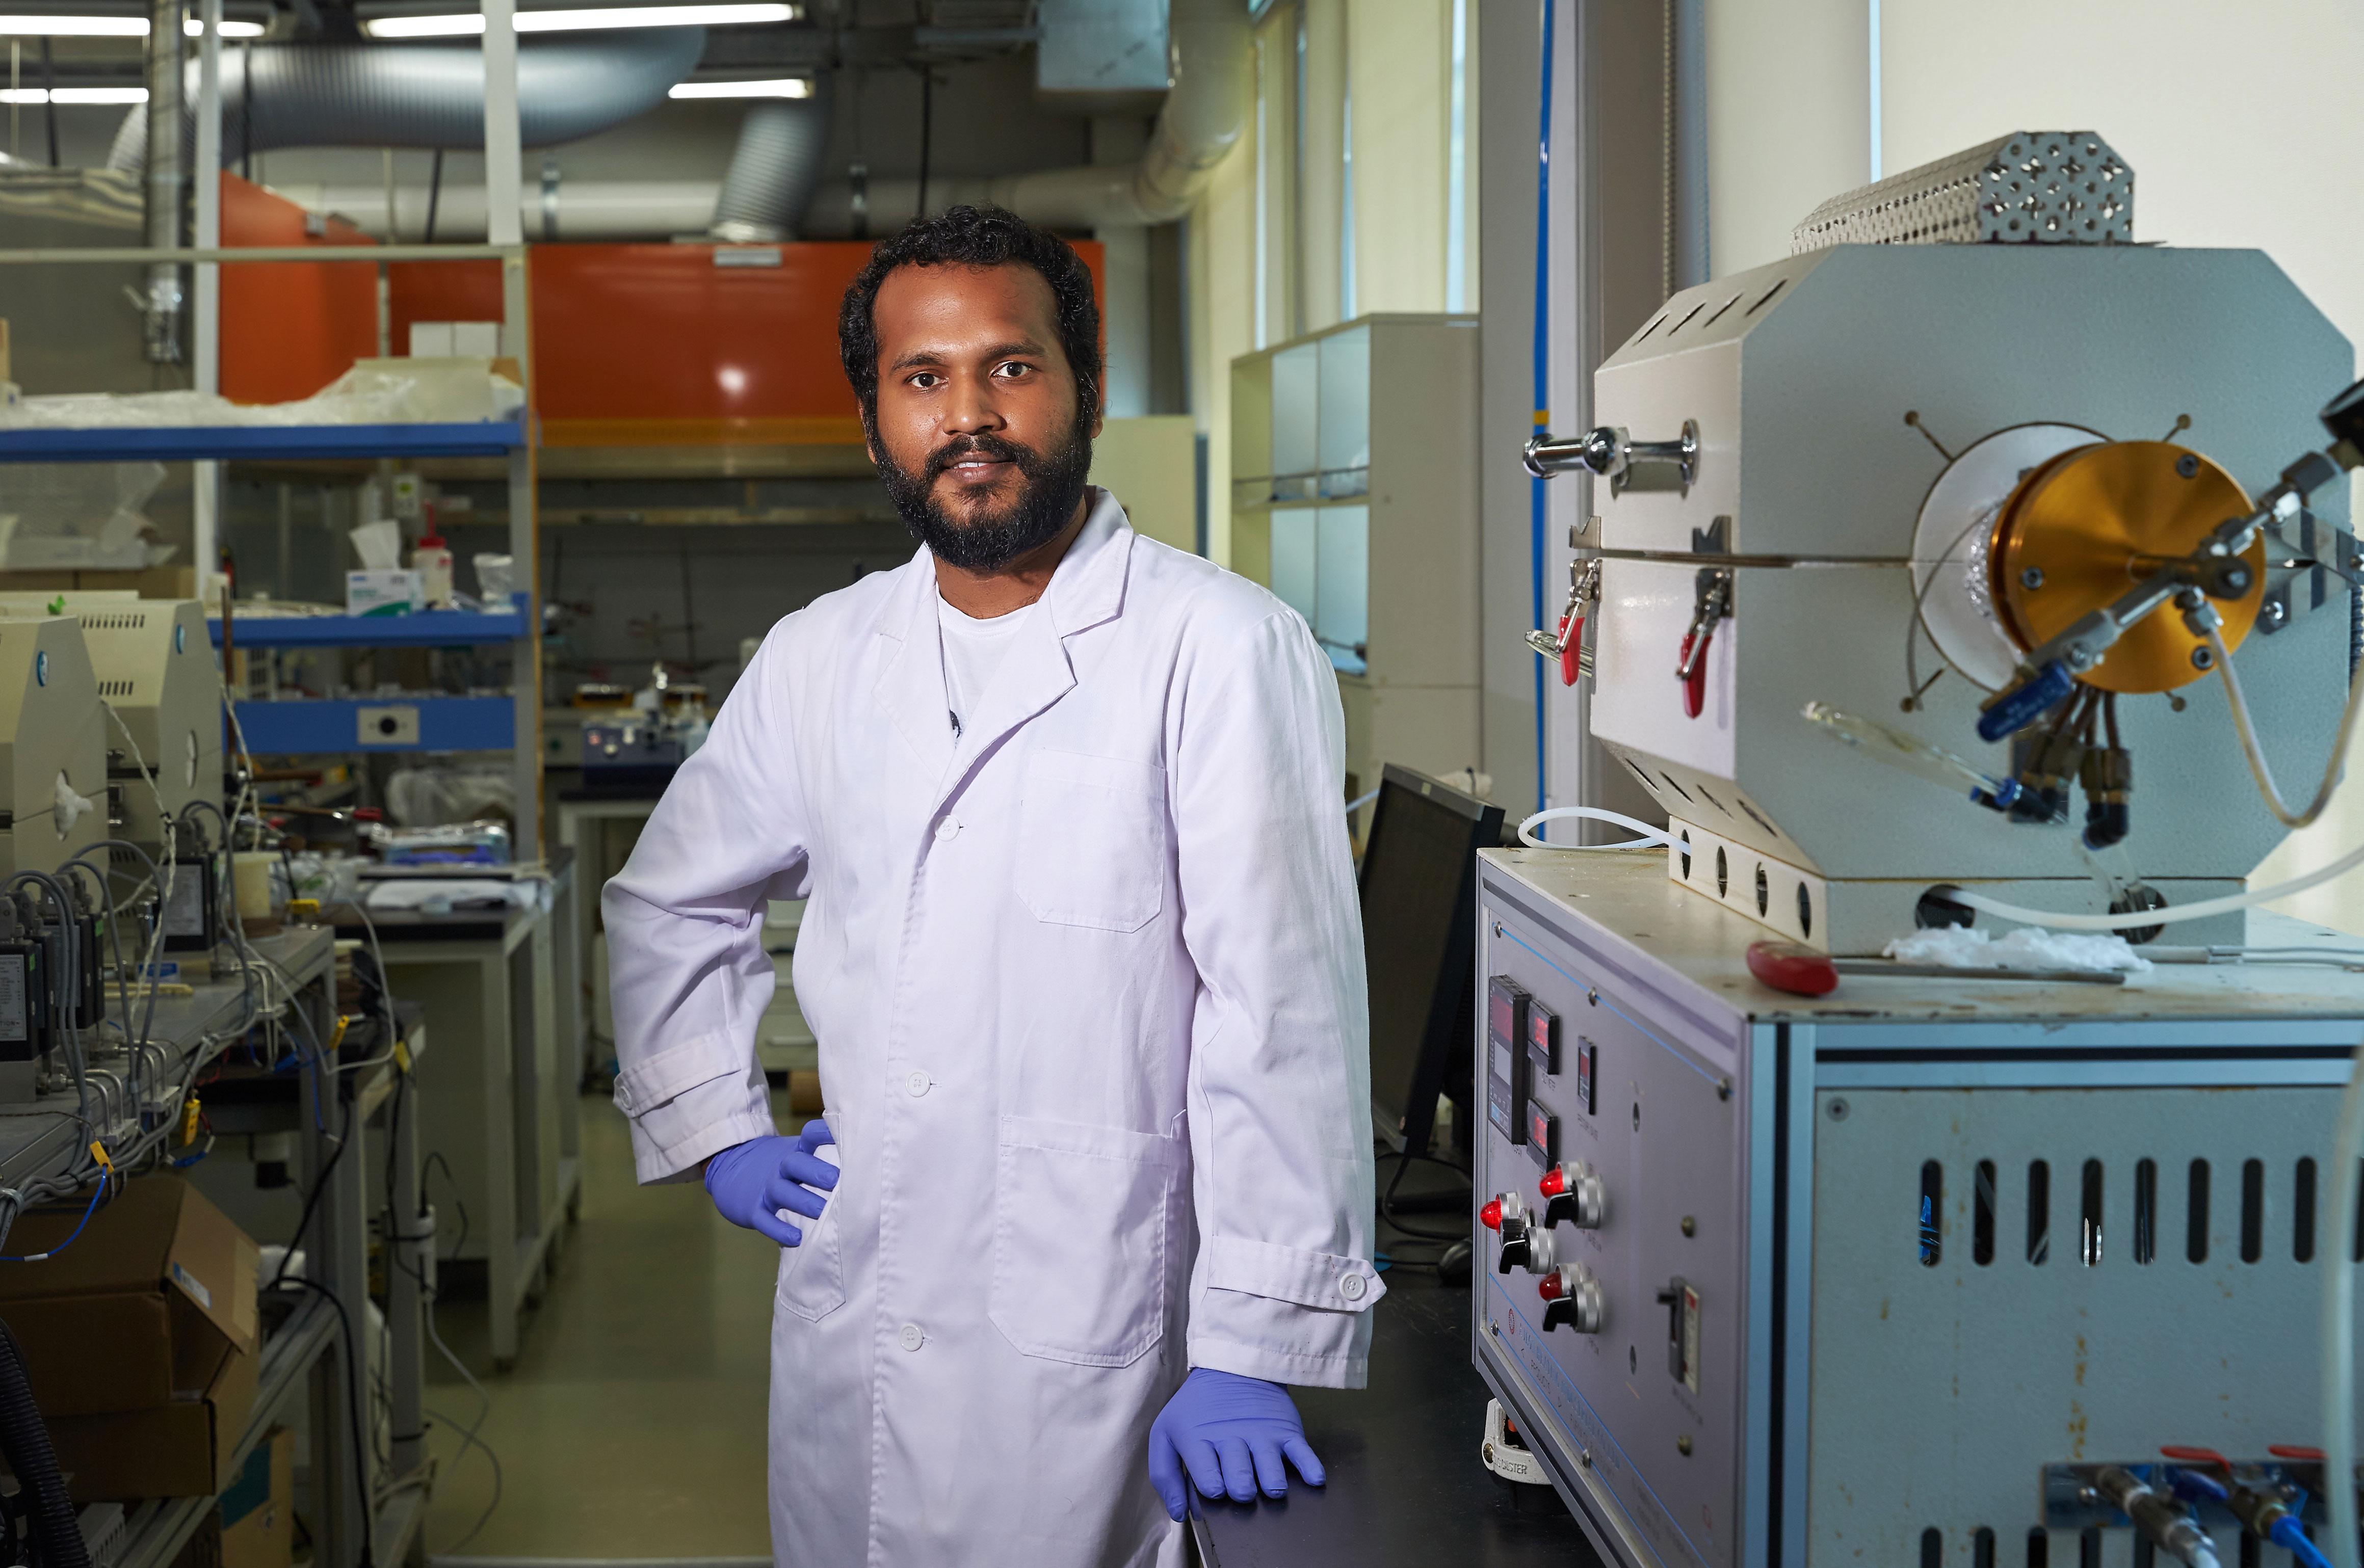 생고단 박사는 10월부터 임페리얼 칼리지 런던에서 근무하게 된다. | 사진: 김경채